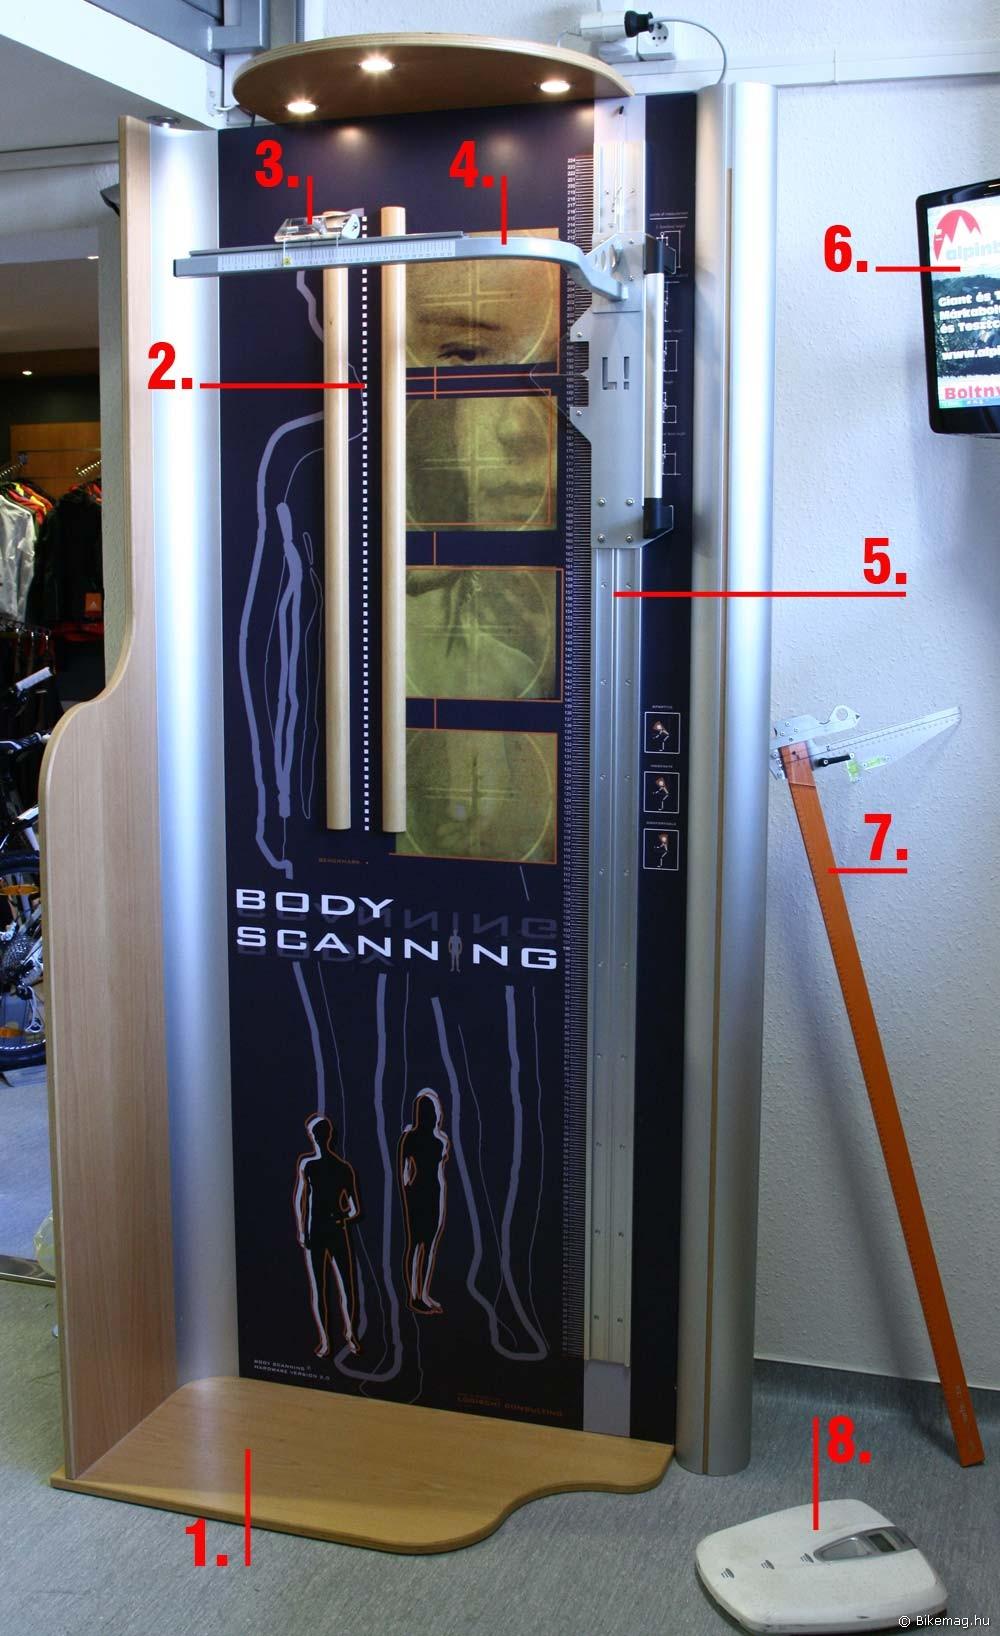 A Body Scanning mérőállomás részei: 1. a mérőeszköz (mérőkeret) maga; 2. a test szimmetriatengelyével egybe eső referenciavonal; 3. mérőlézer; 4. a mérőlézer mozgatható kerete; 5. a keret vezetősínje, melyen függőleges irányban elmozdulhat; 6. kijelző monitor; 7. mérővonalzó a kerékpár beállításához; 8. Tudjuk, mit ettél tavaly nyáron…